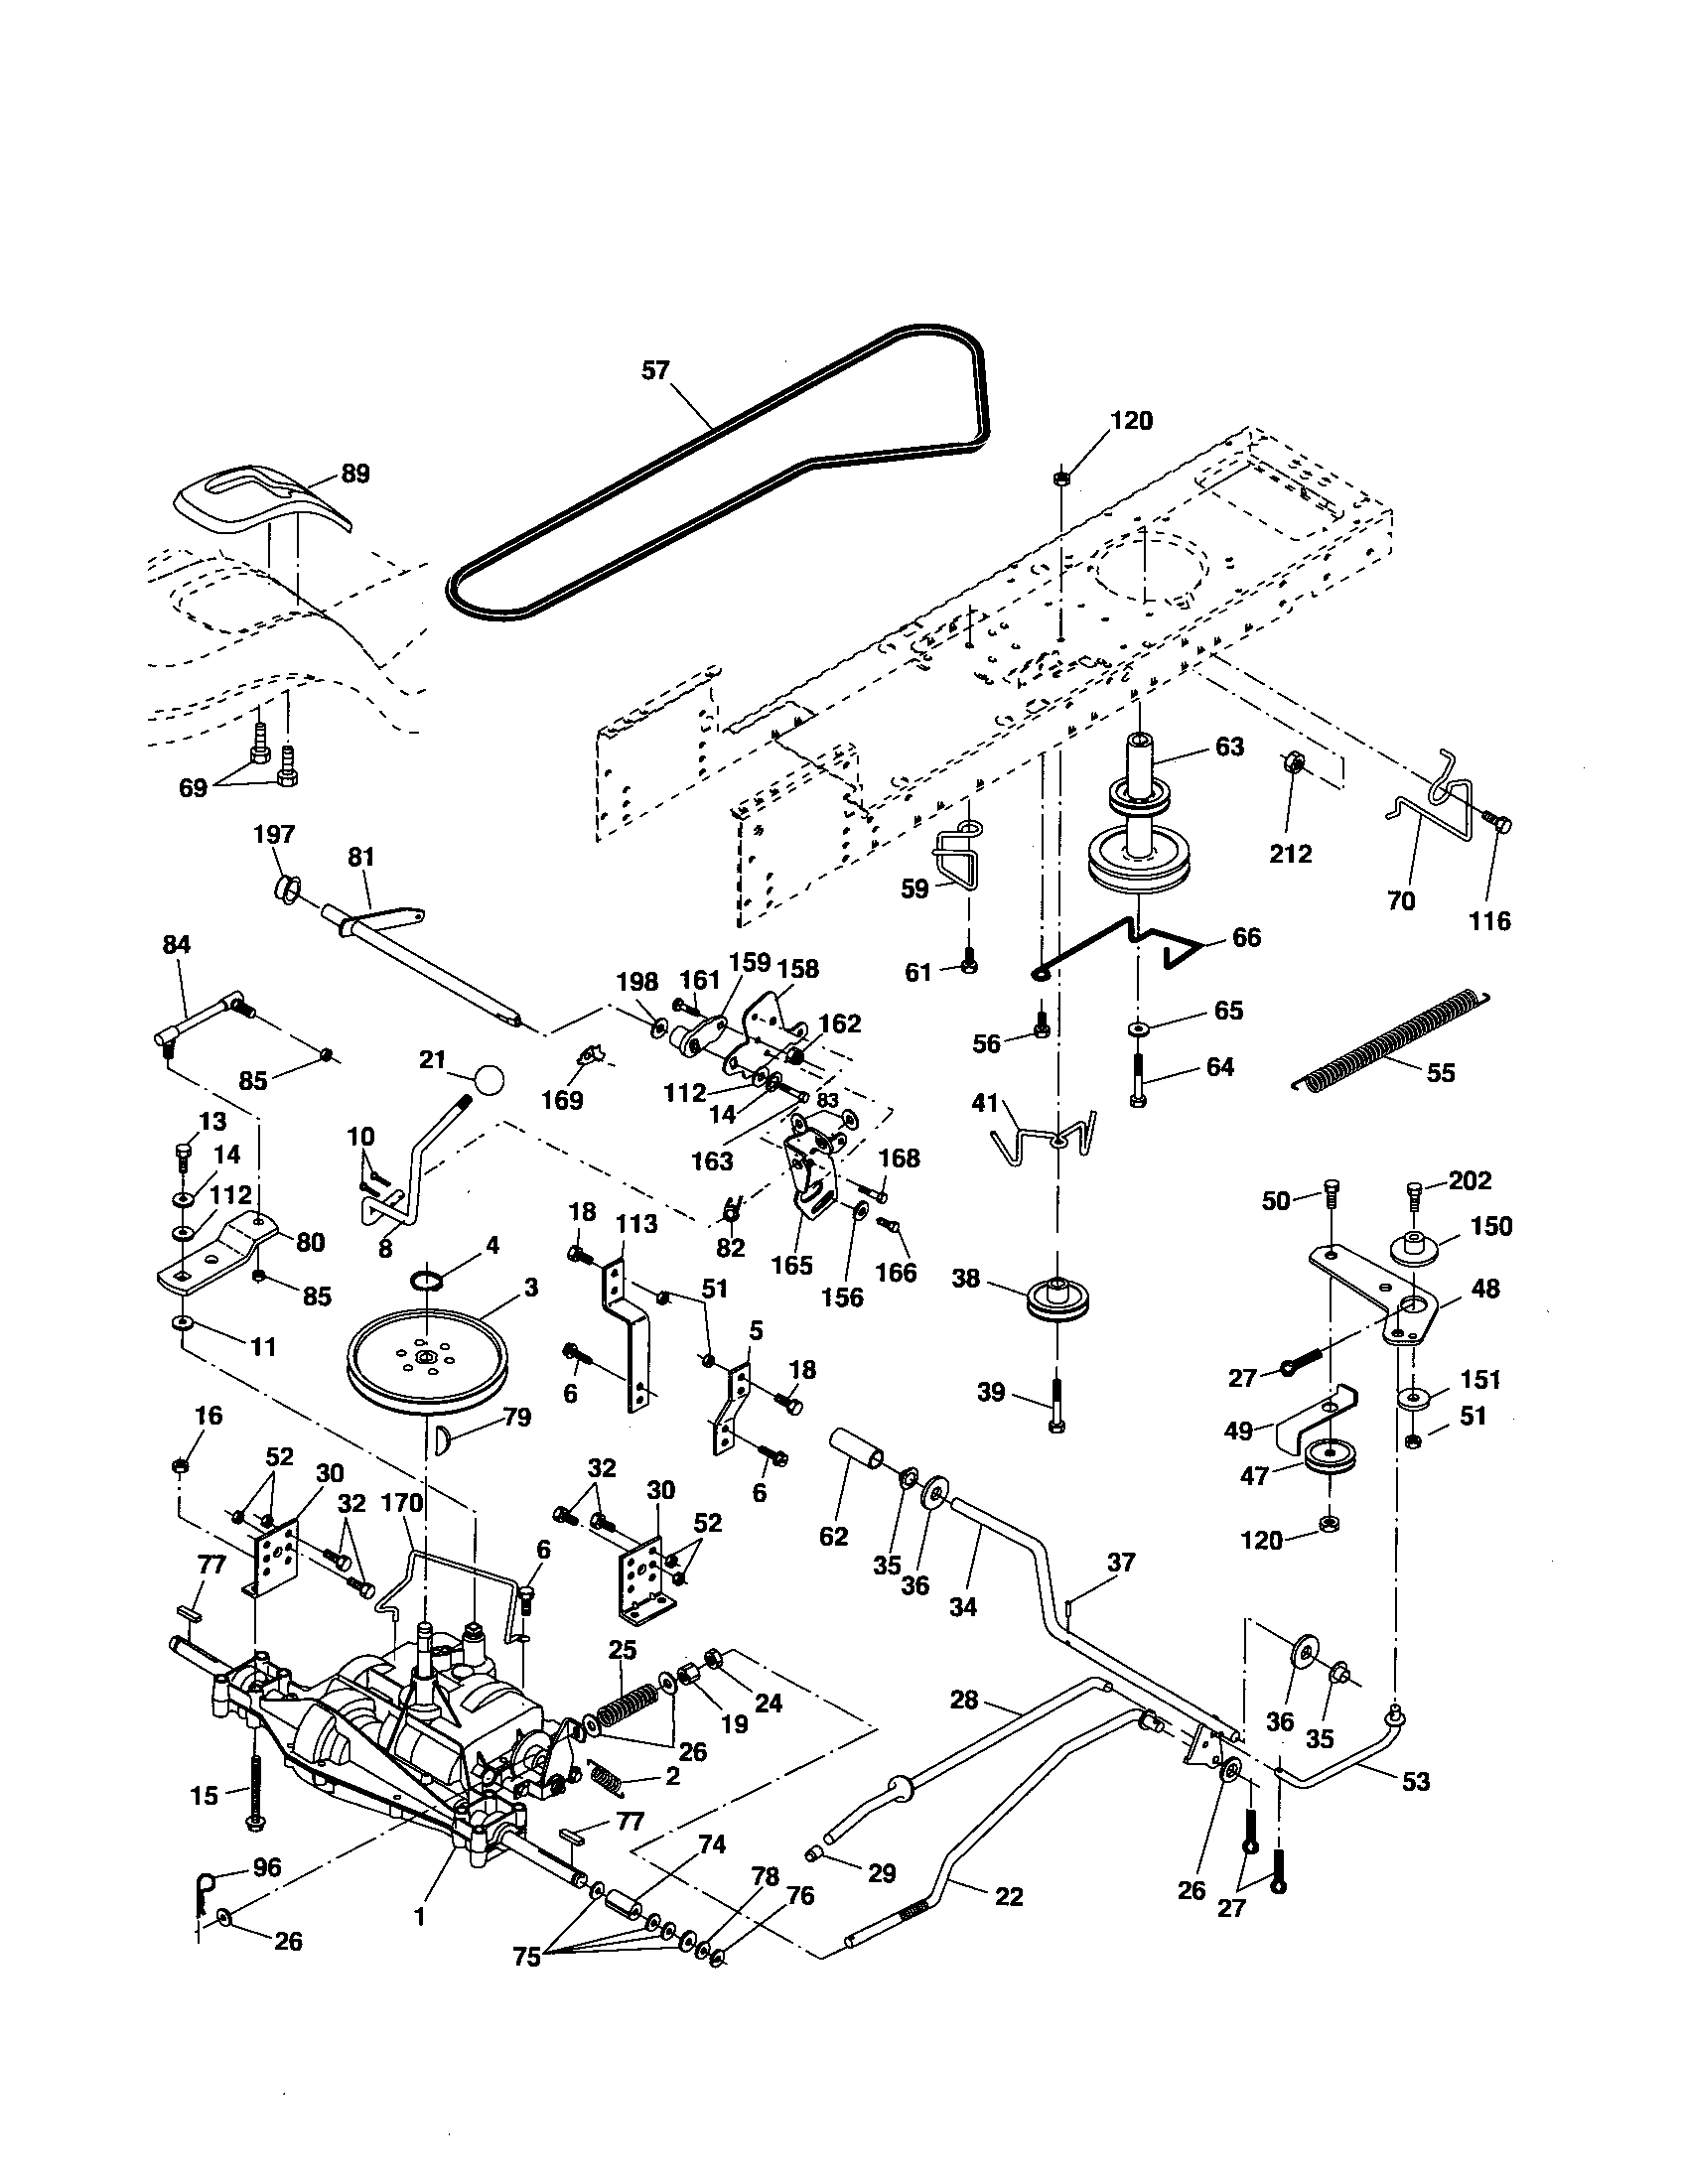 wiring poulan diagram pp11536ka xs 1940  wiring diagram for poulan lawn mower schematic wiring  wiring diagram for poulan lawn mower